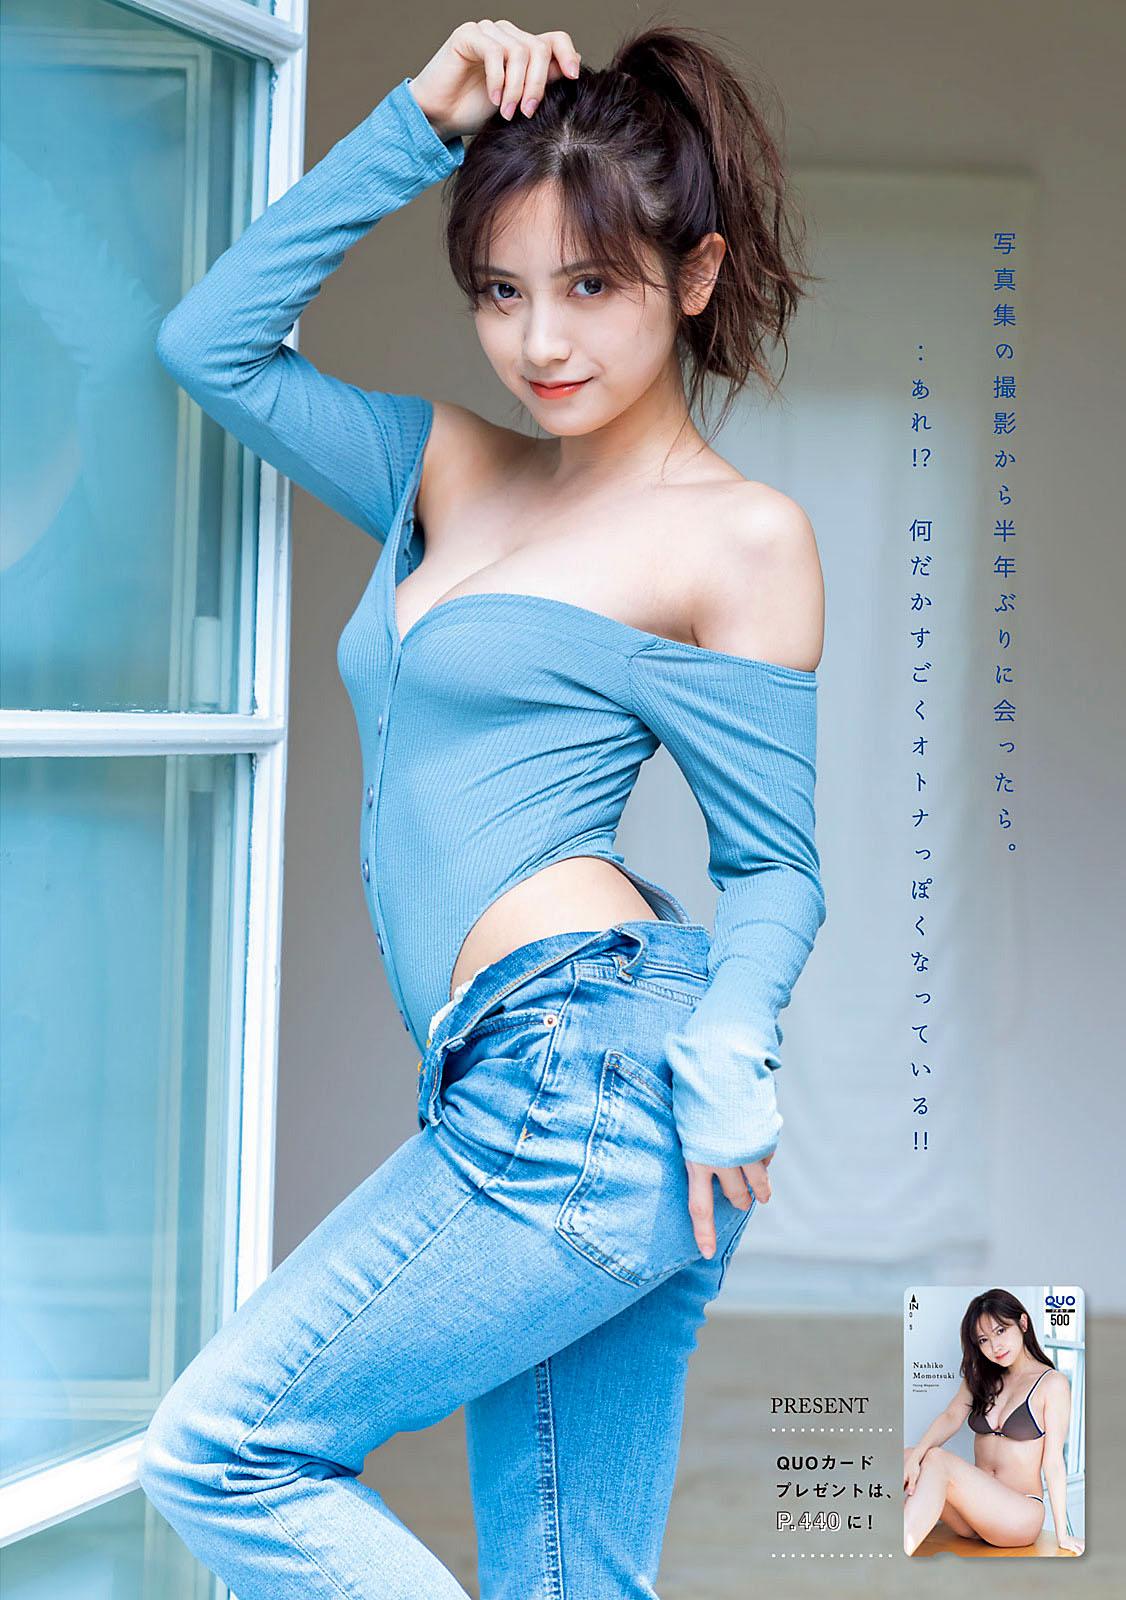 Nashiko Momotsuki Young Magazine 210524 04.jpg